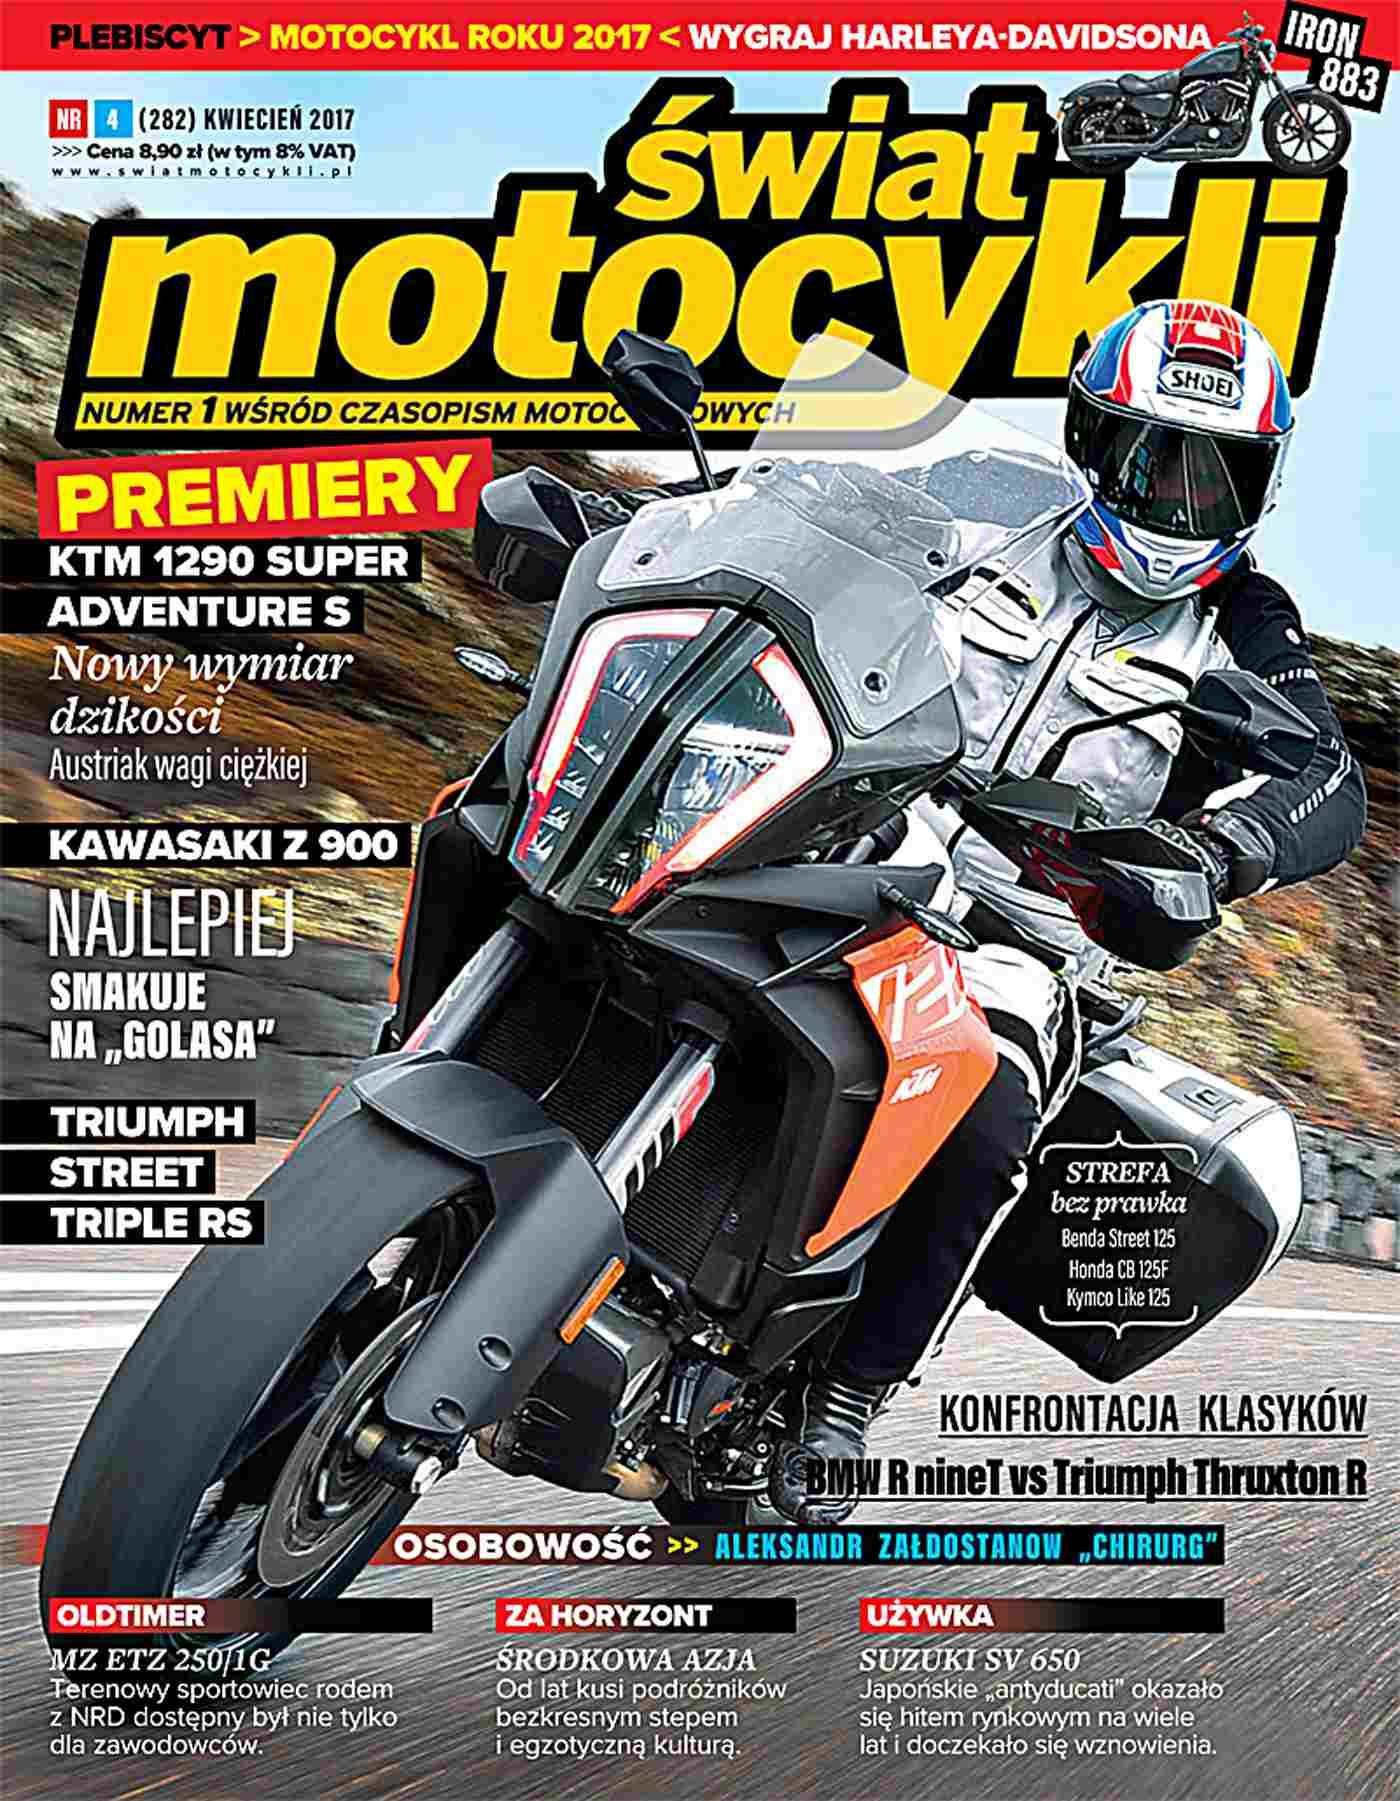 Świat Motocykli 4/2017 - Ebook (Książka PDF) do pobrania w formacie PDF